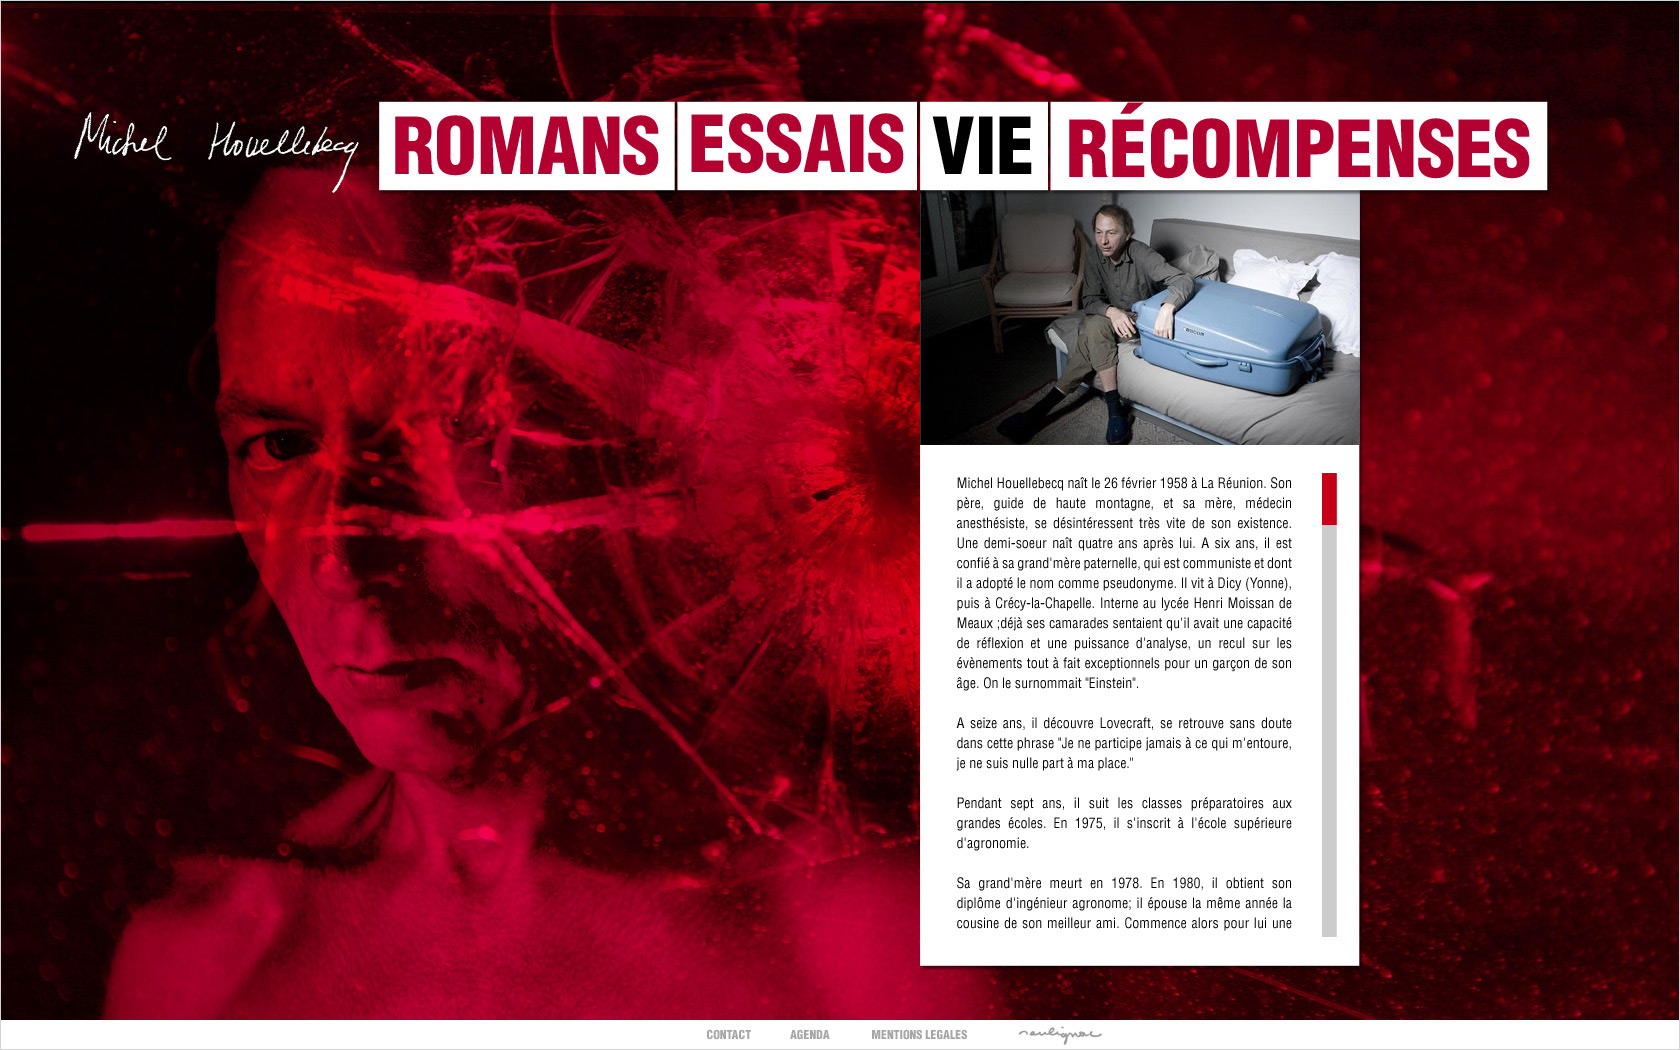 © François Soulignac - Michel Houellebecq (Website)